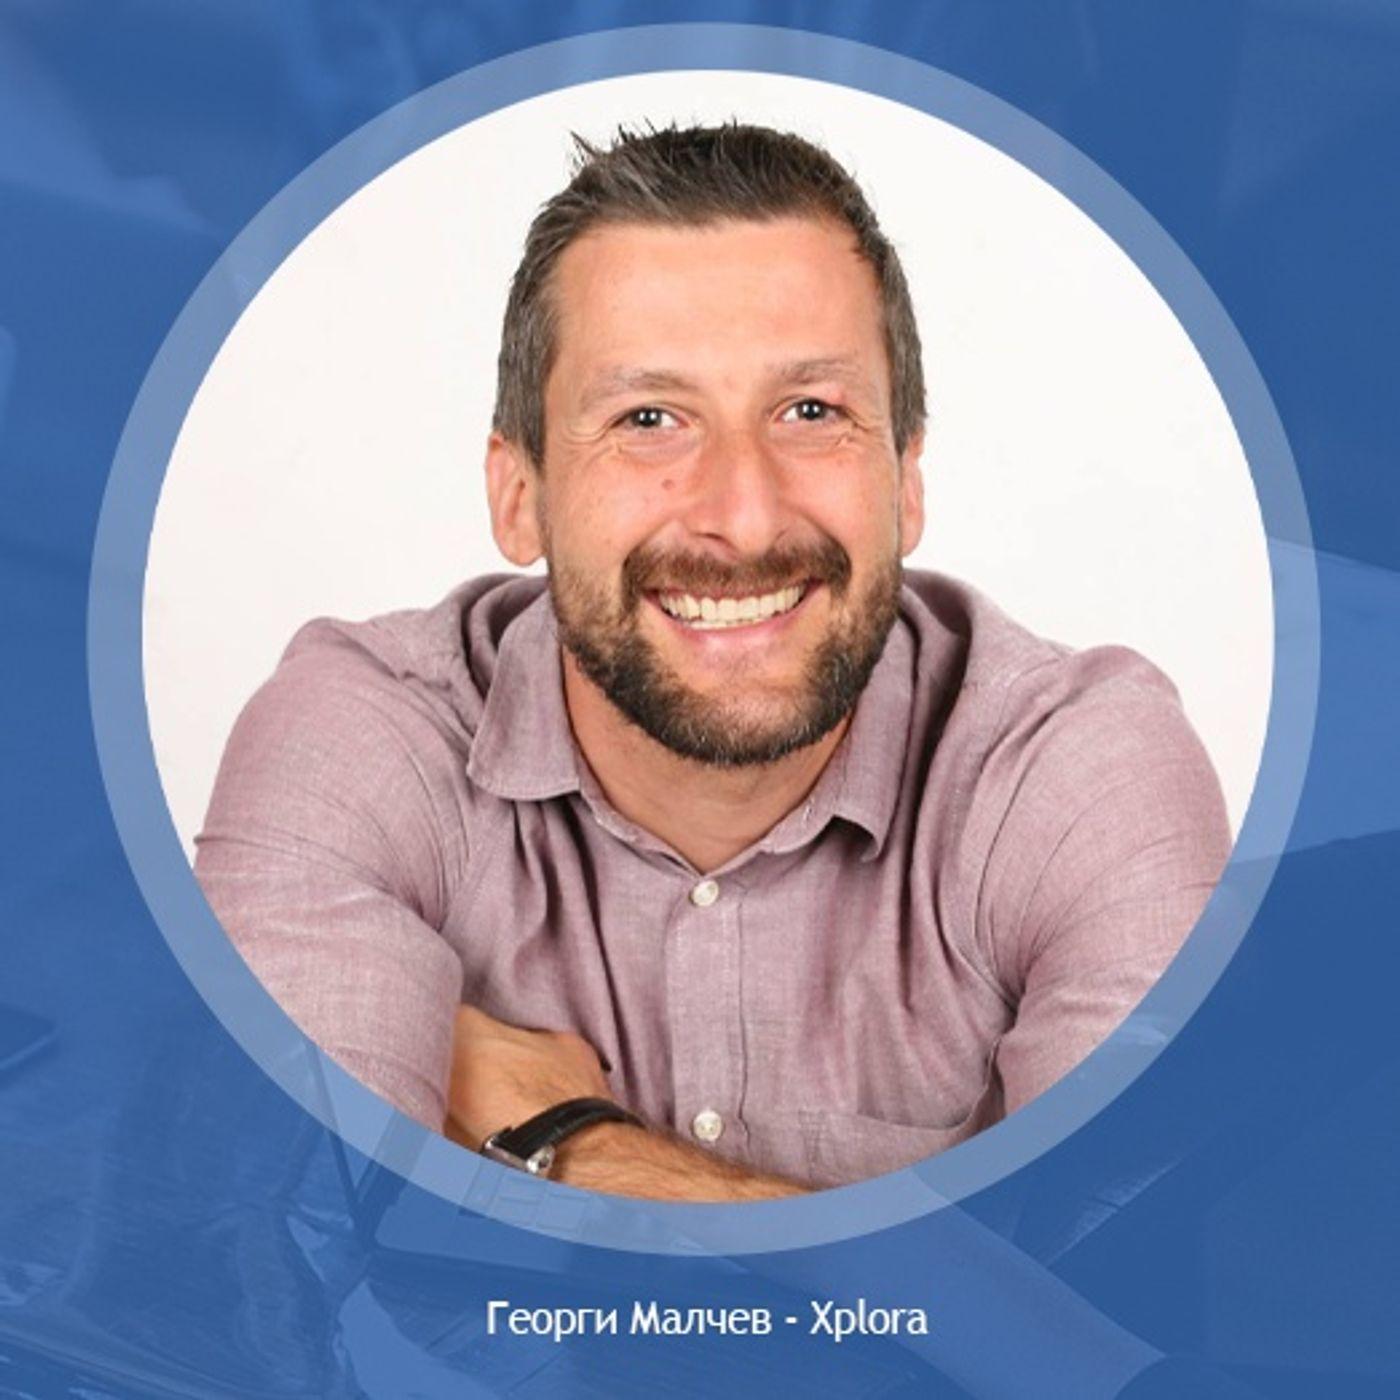 Управление на онлайн репутация и създаване на доверие с Георги Малчев